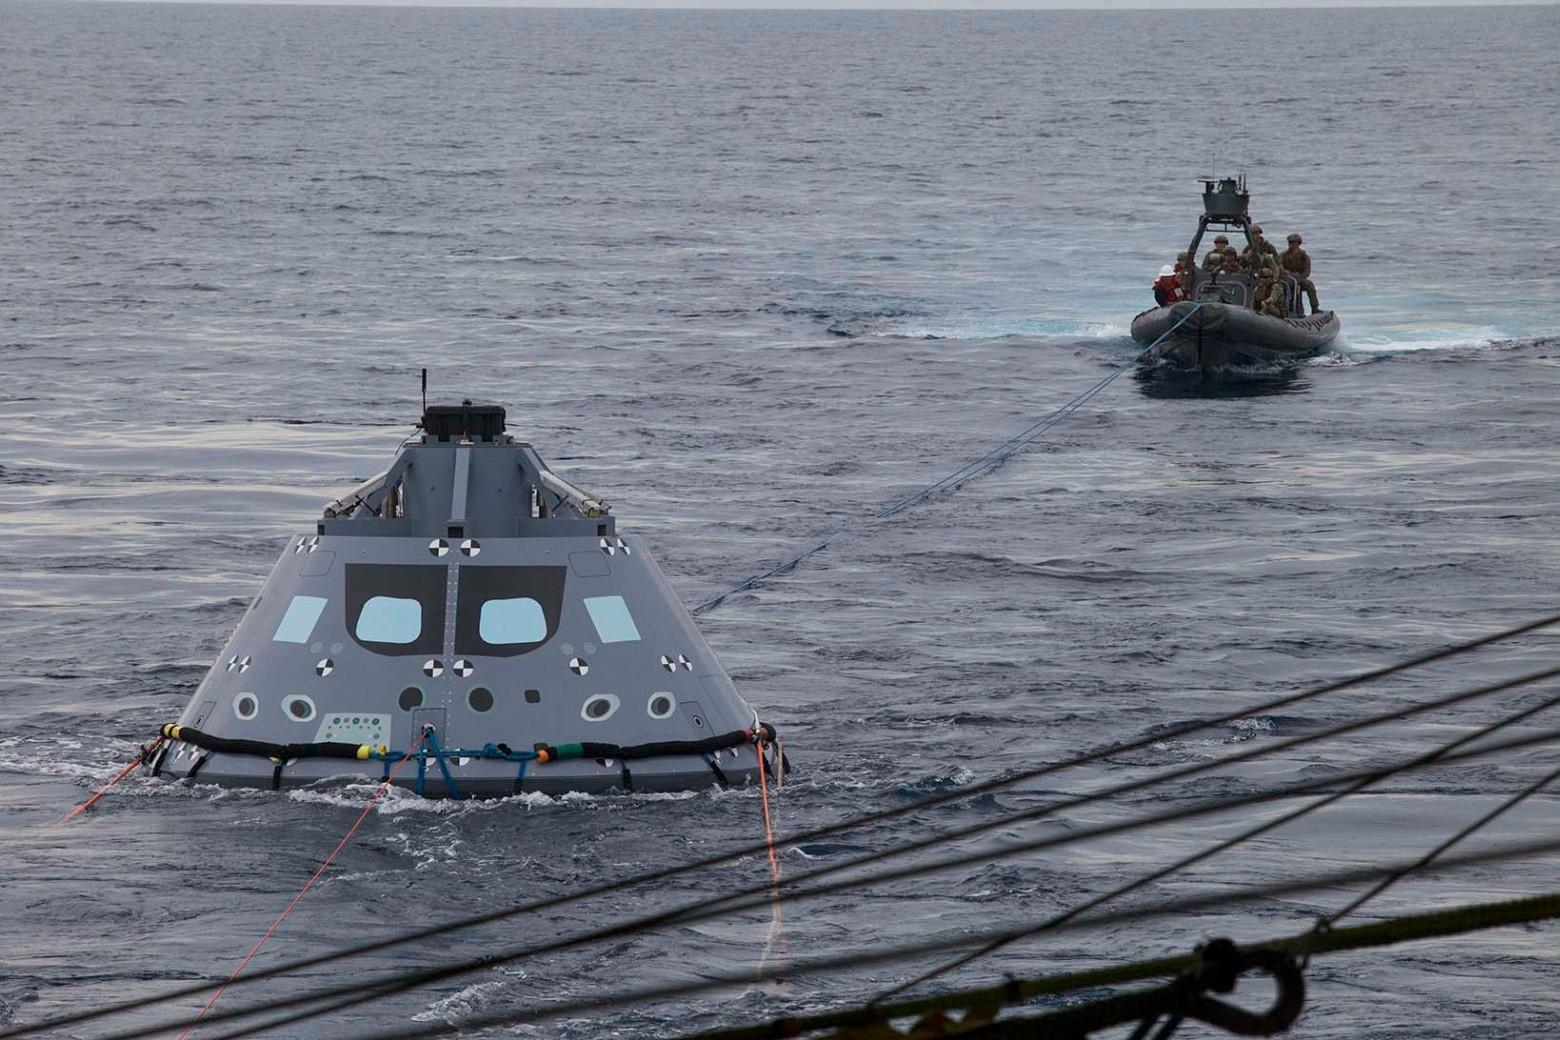 Сухой завтрак в дальнем космосе - 2